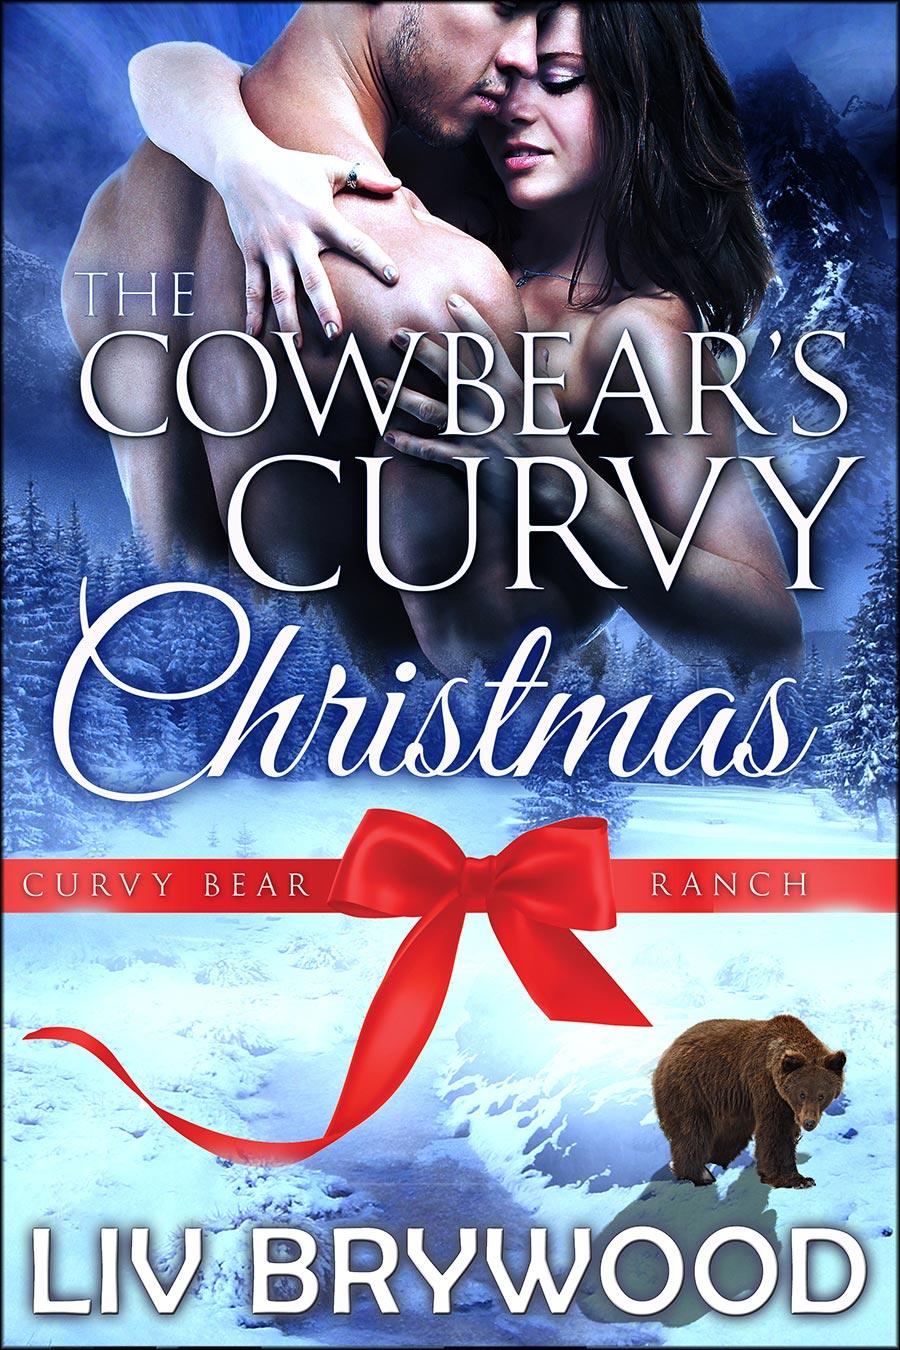 The-Cowbear's-curvy-christmas-copy.jpg